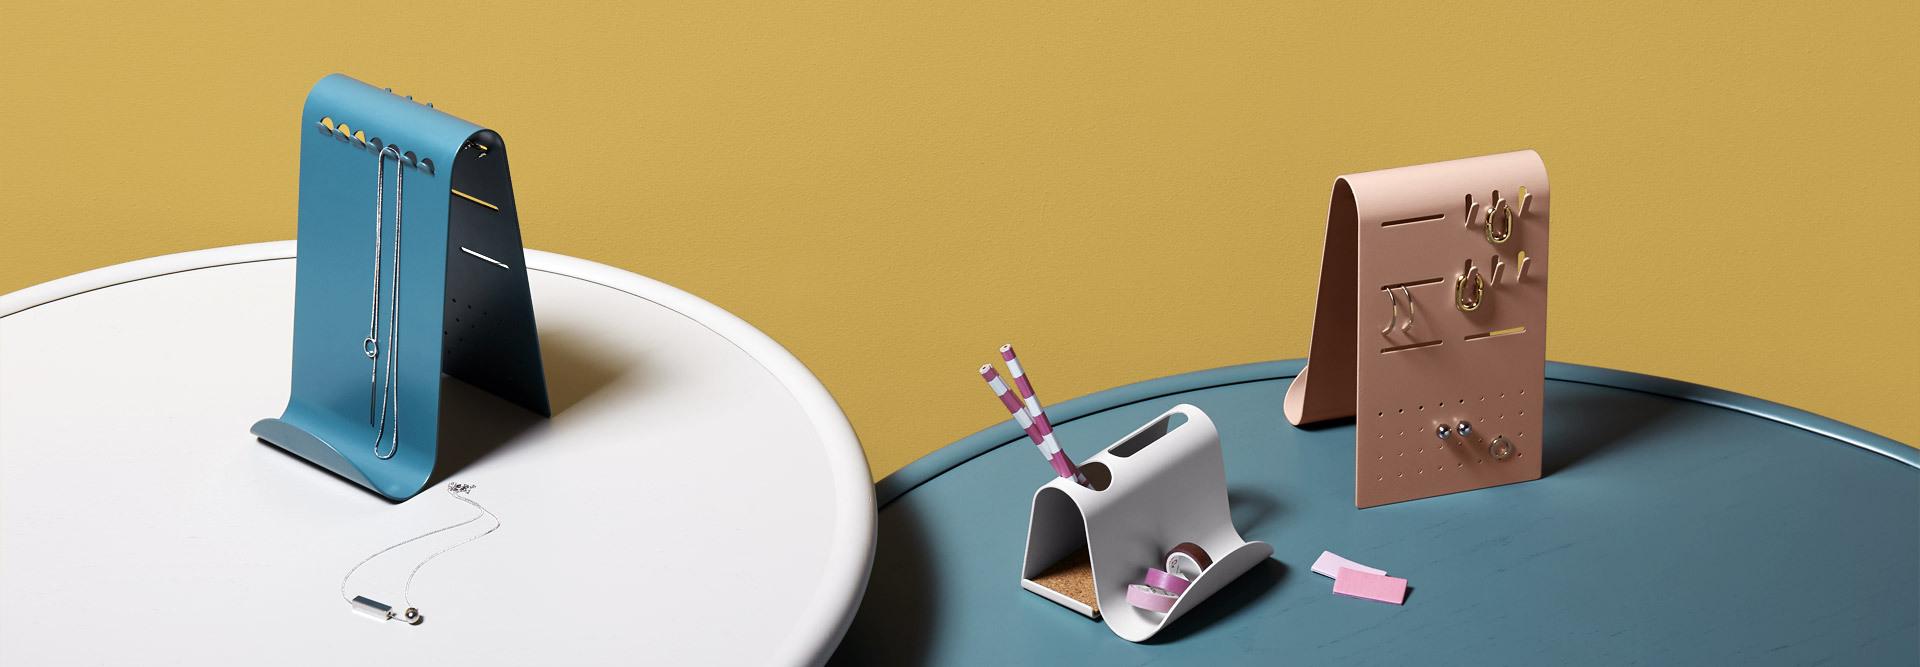 优美象鼻,嵌在桌面的别致胸针